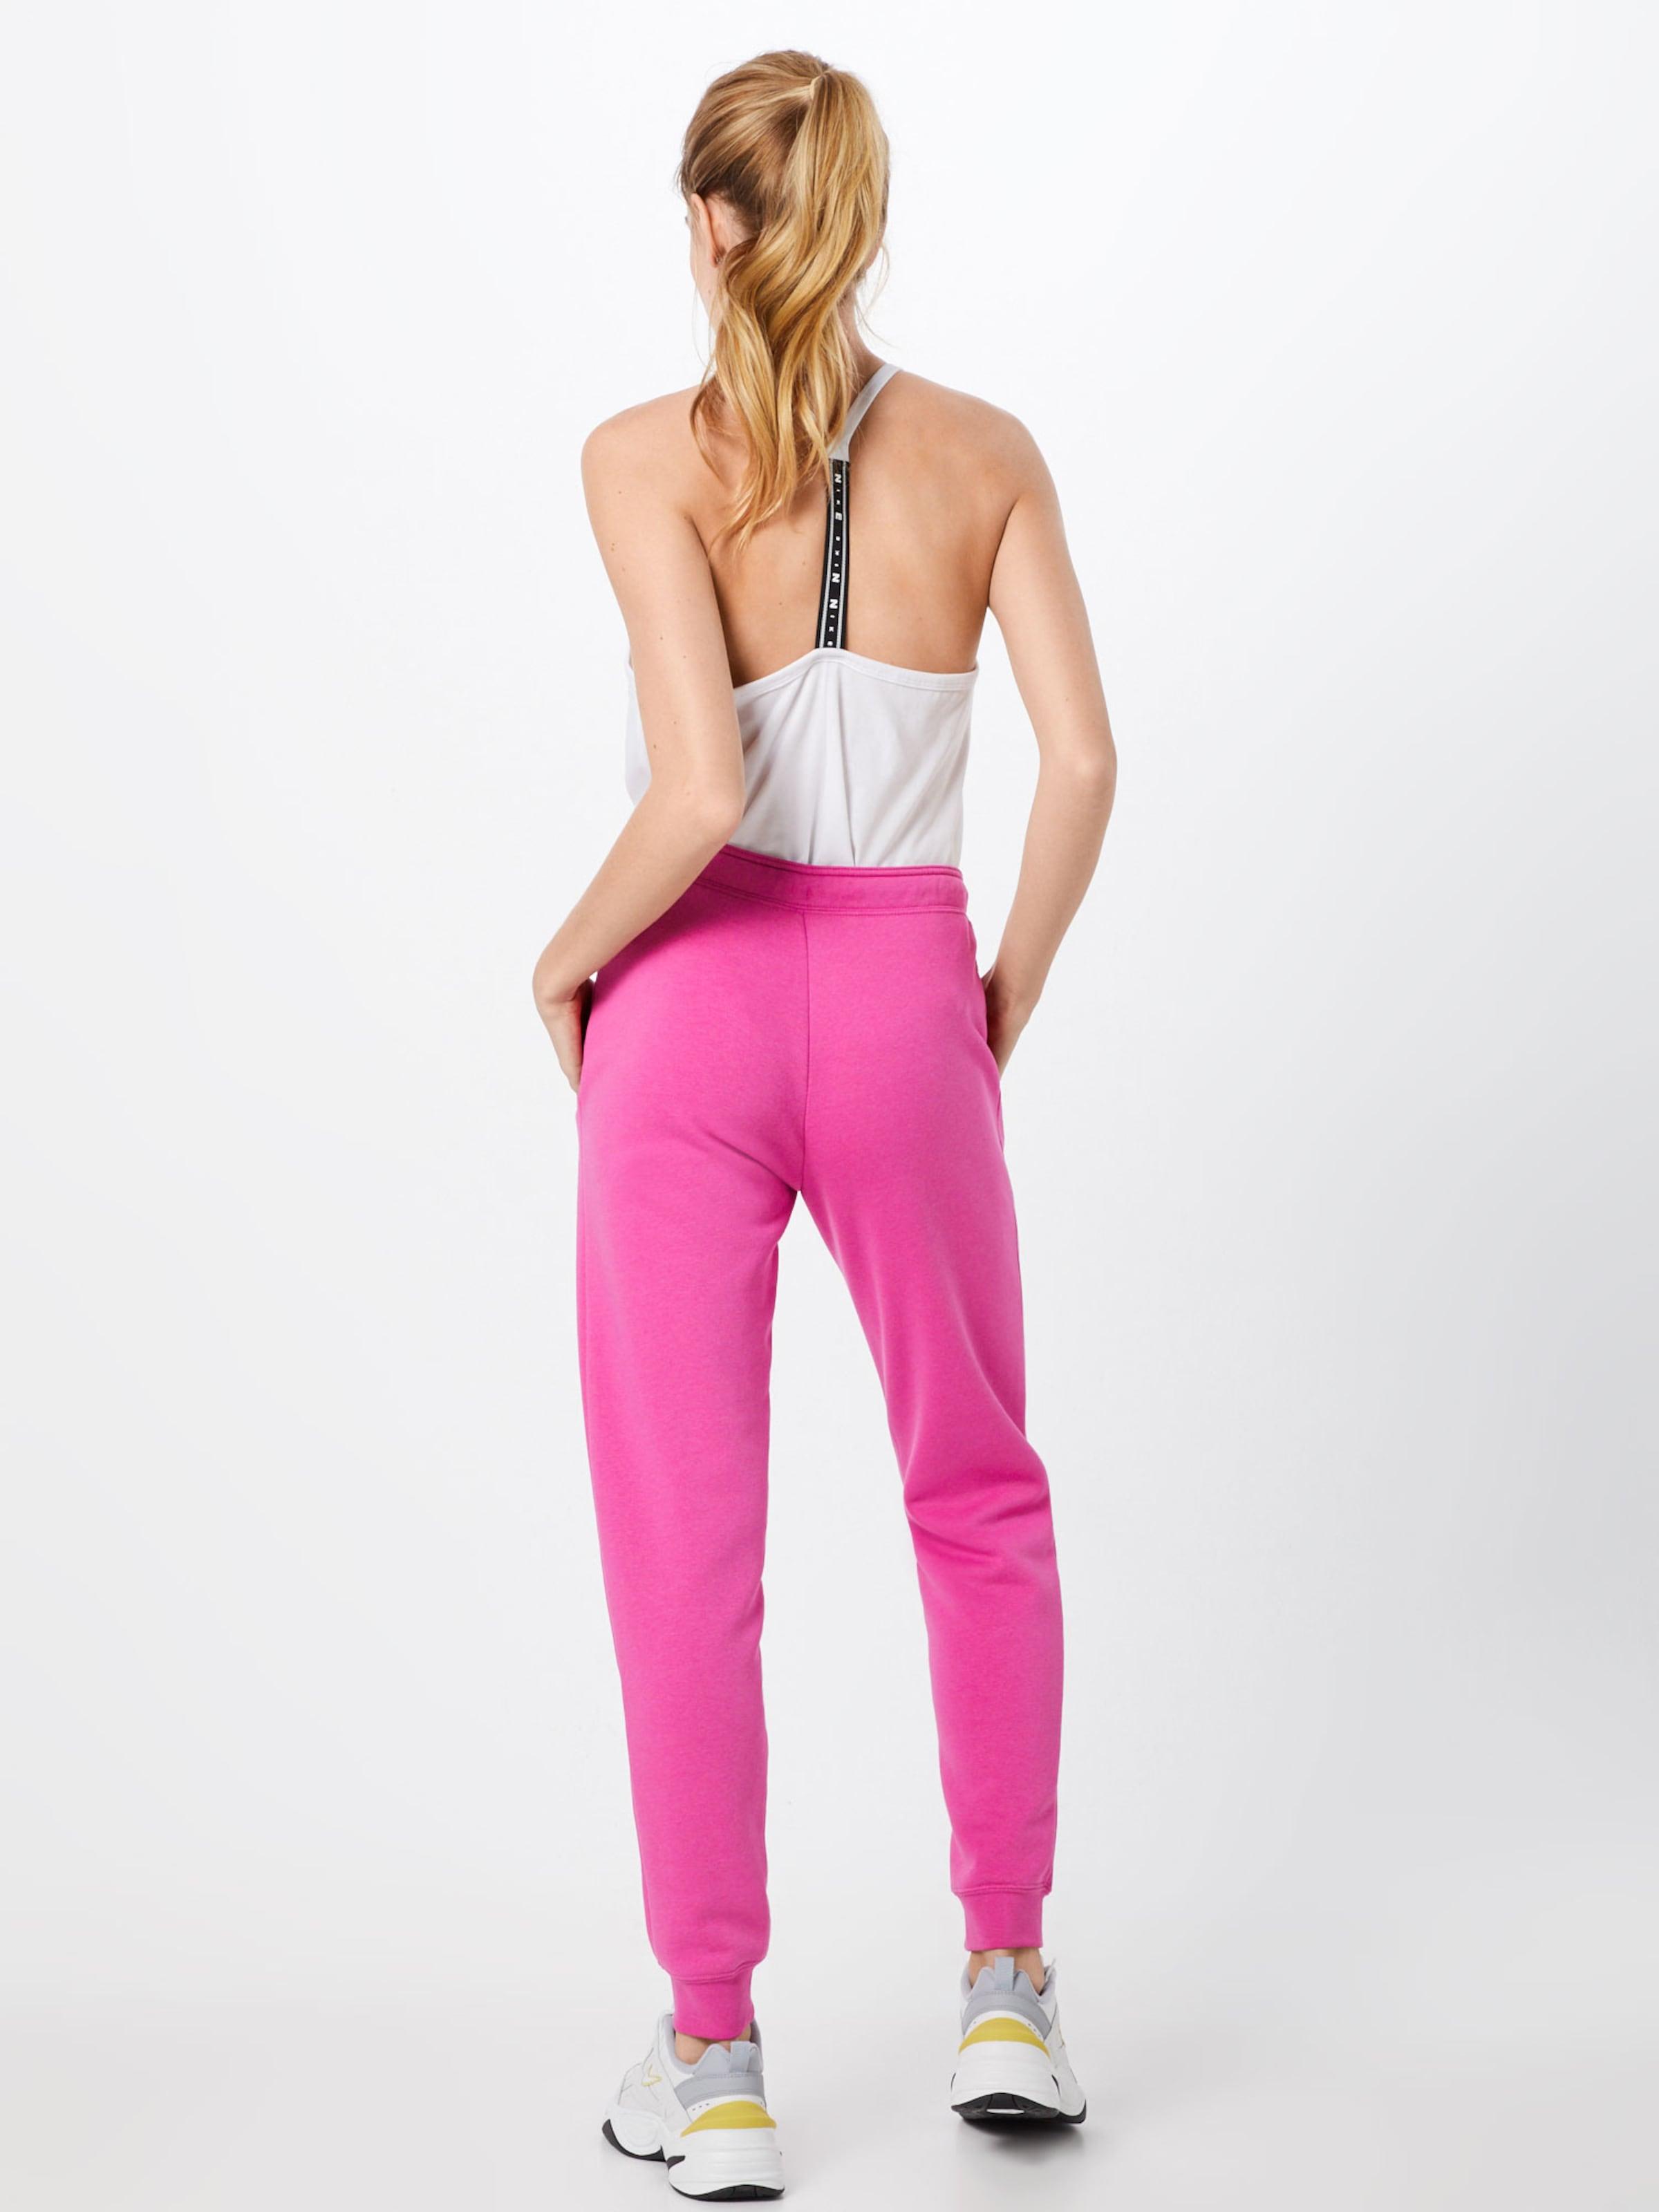 Pink Nike Nike Jogginghose Sportswear In Jogginghose Nike Sportswear In Pink OZPXiuTk